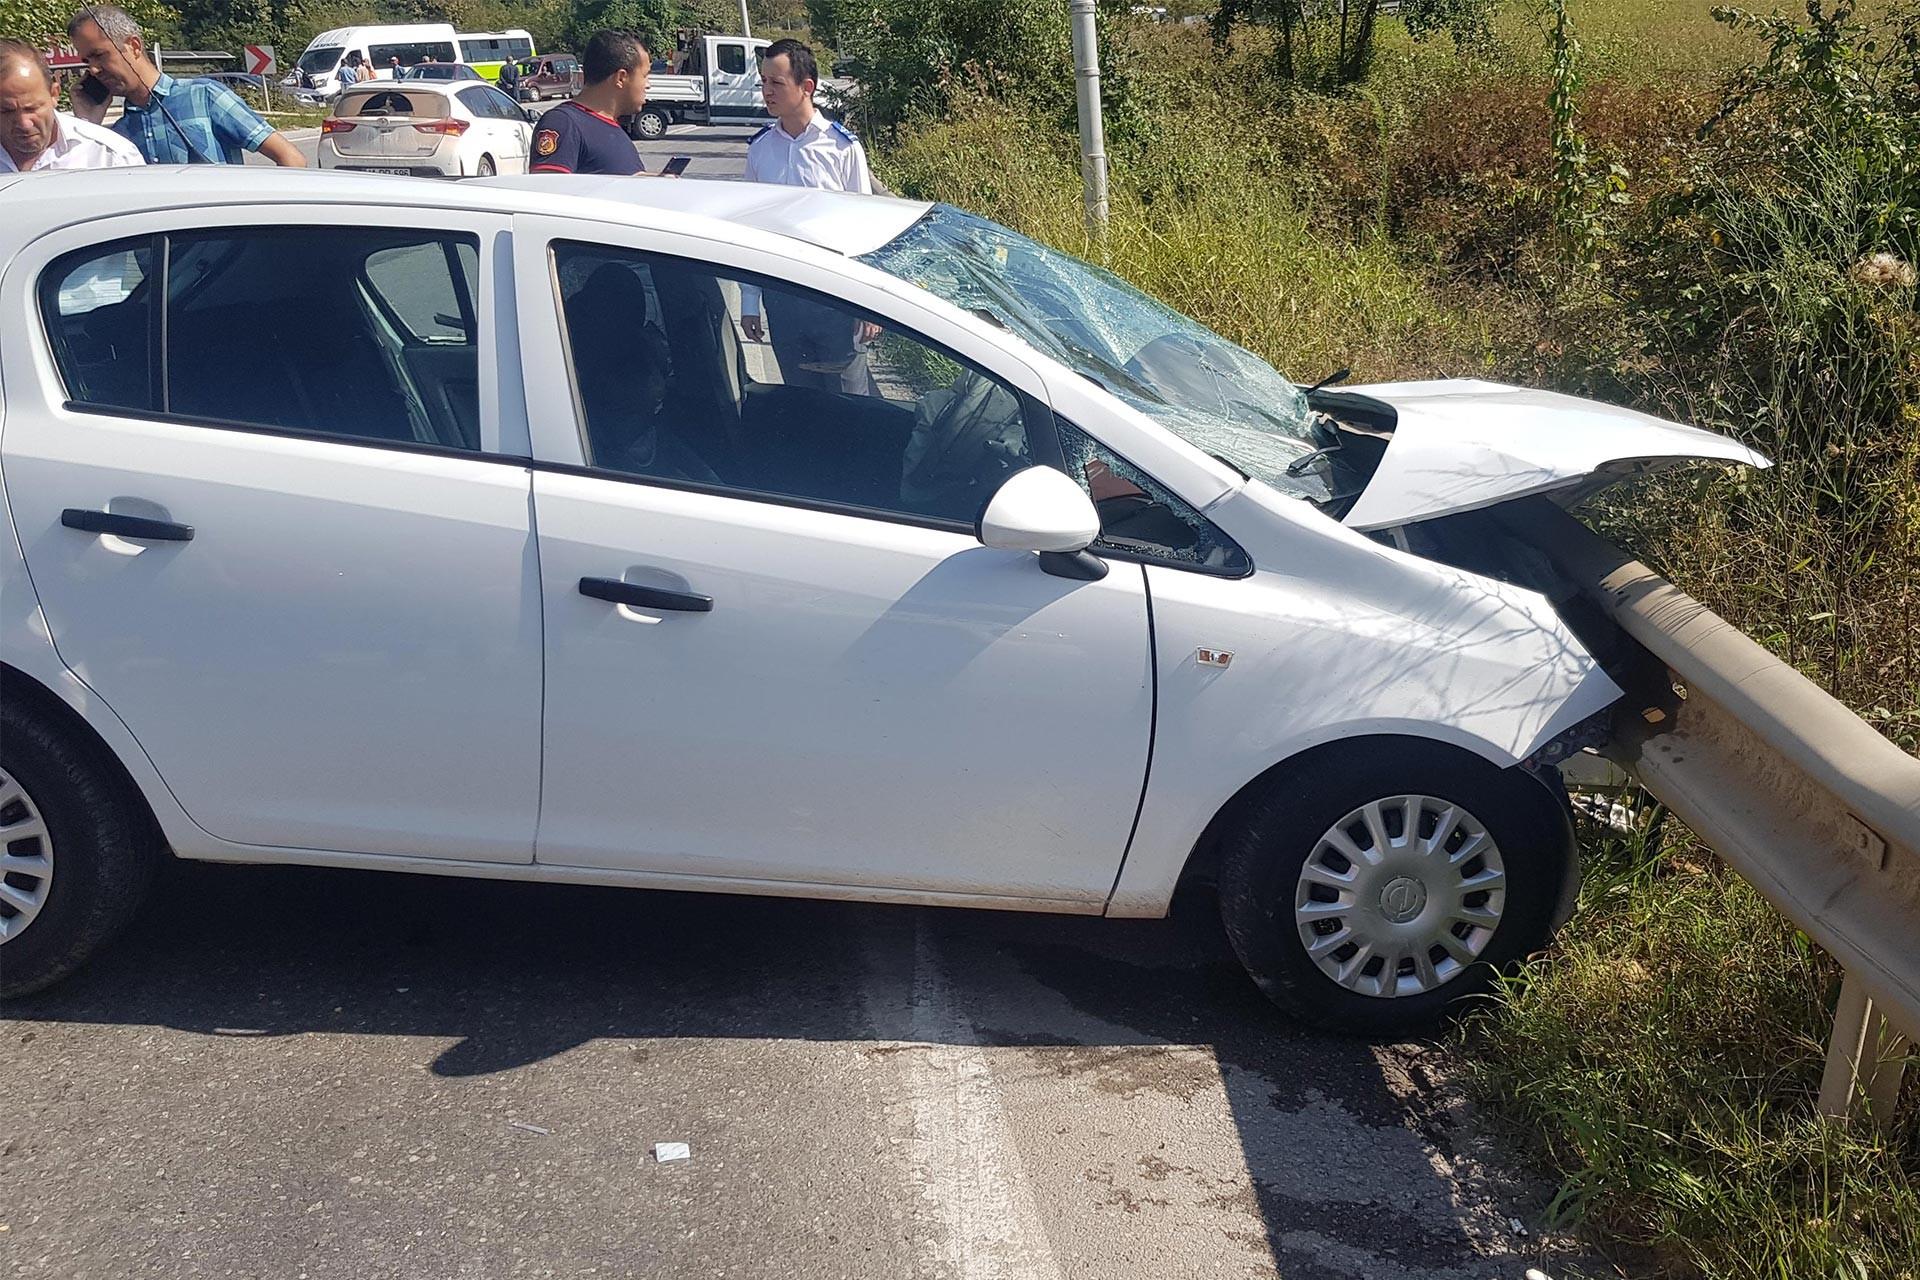 Kocaeli'de halk otobüsü, otomobile çarptı: 1 ölü, 3 yaralı